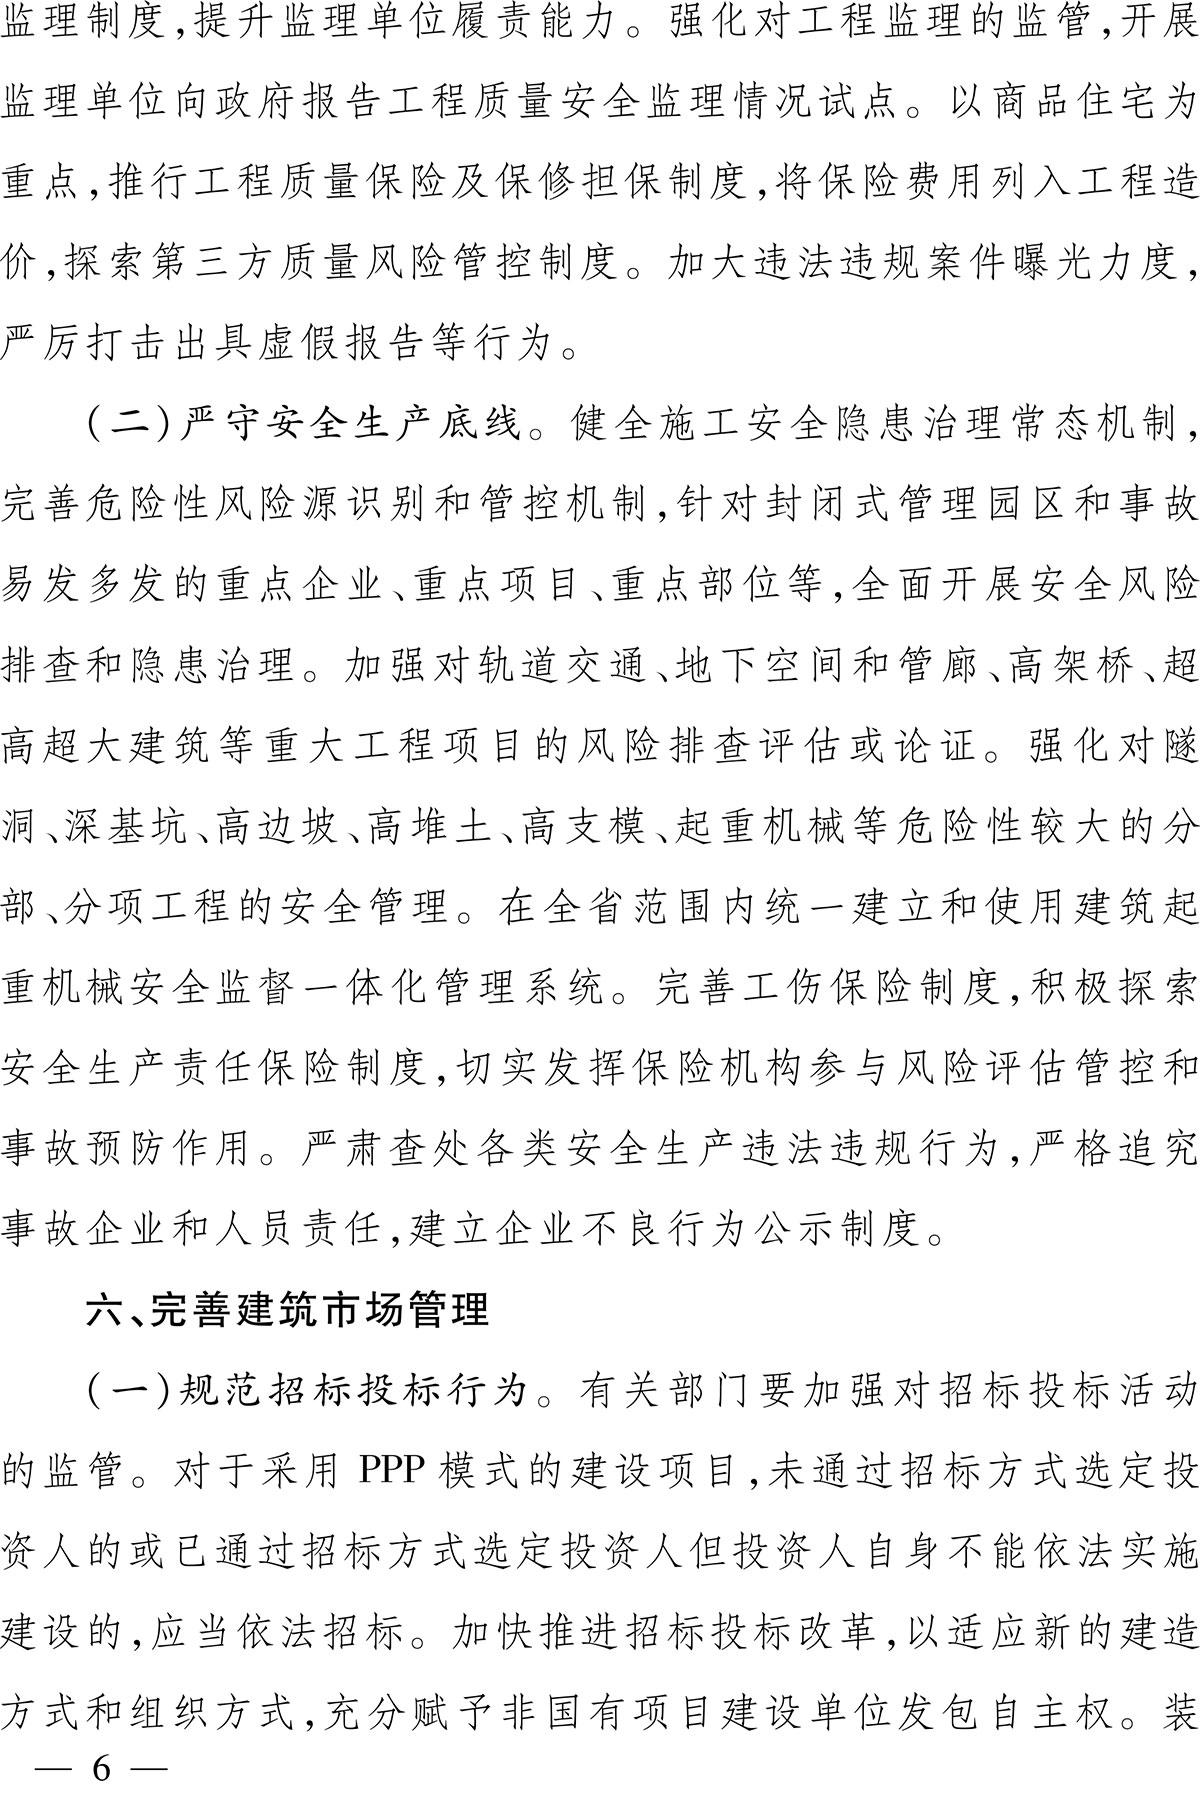 浙江省人民政府办公厅关于加快建筑业改革与发展的实施意见-6.jpg